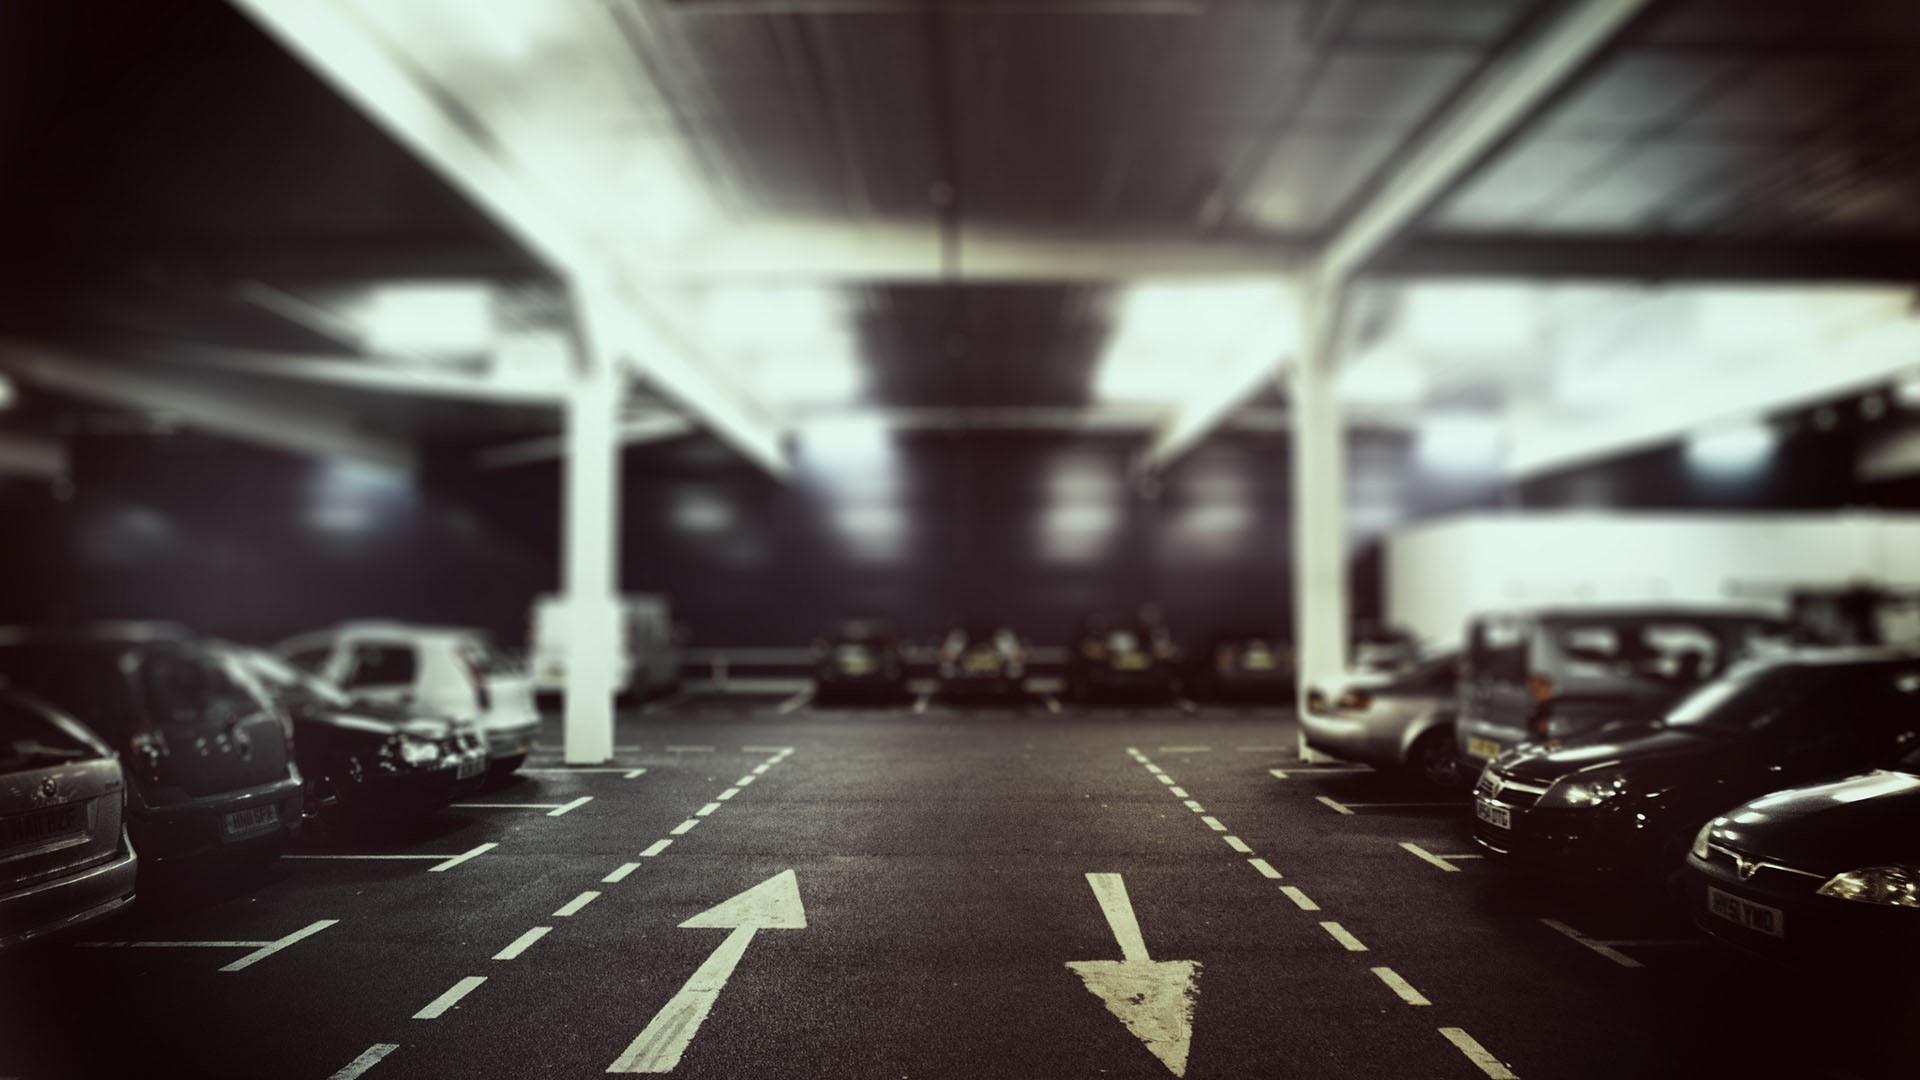 Location parking Bordeaux, l'intérêt de faire un abonnement